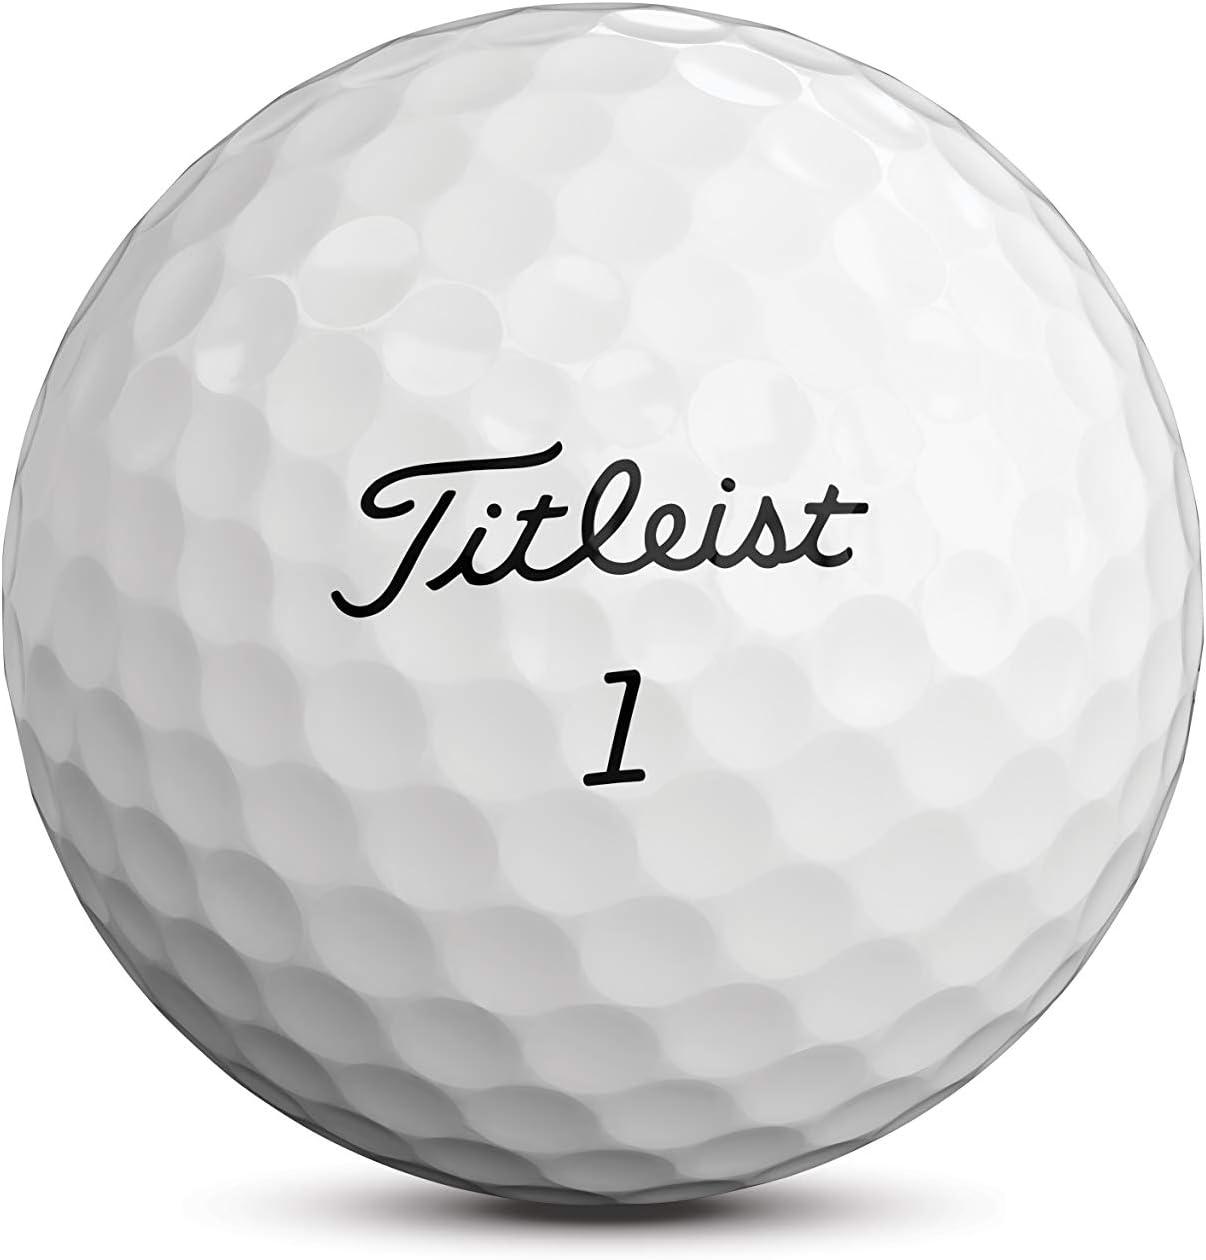 タイトリスト(TITLEIST) ゴルフボール 2019 Pro V1 ダブルナンバー ユニセックス T2026S-LEJ ホワイト